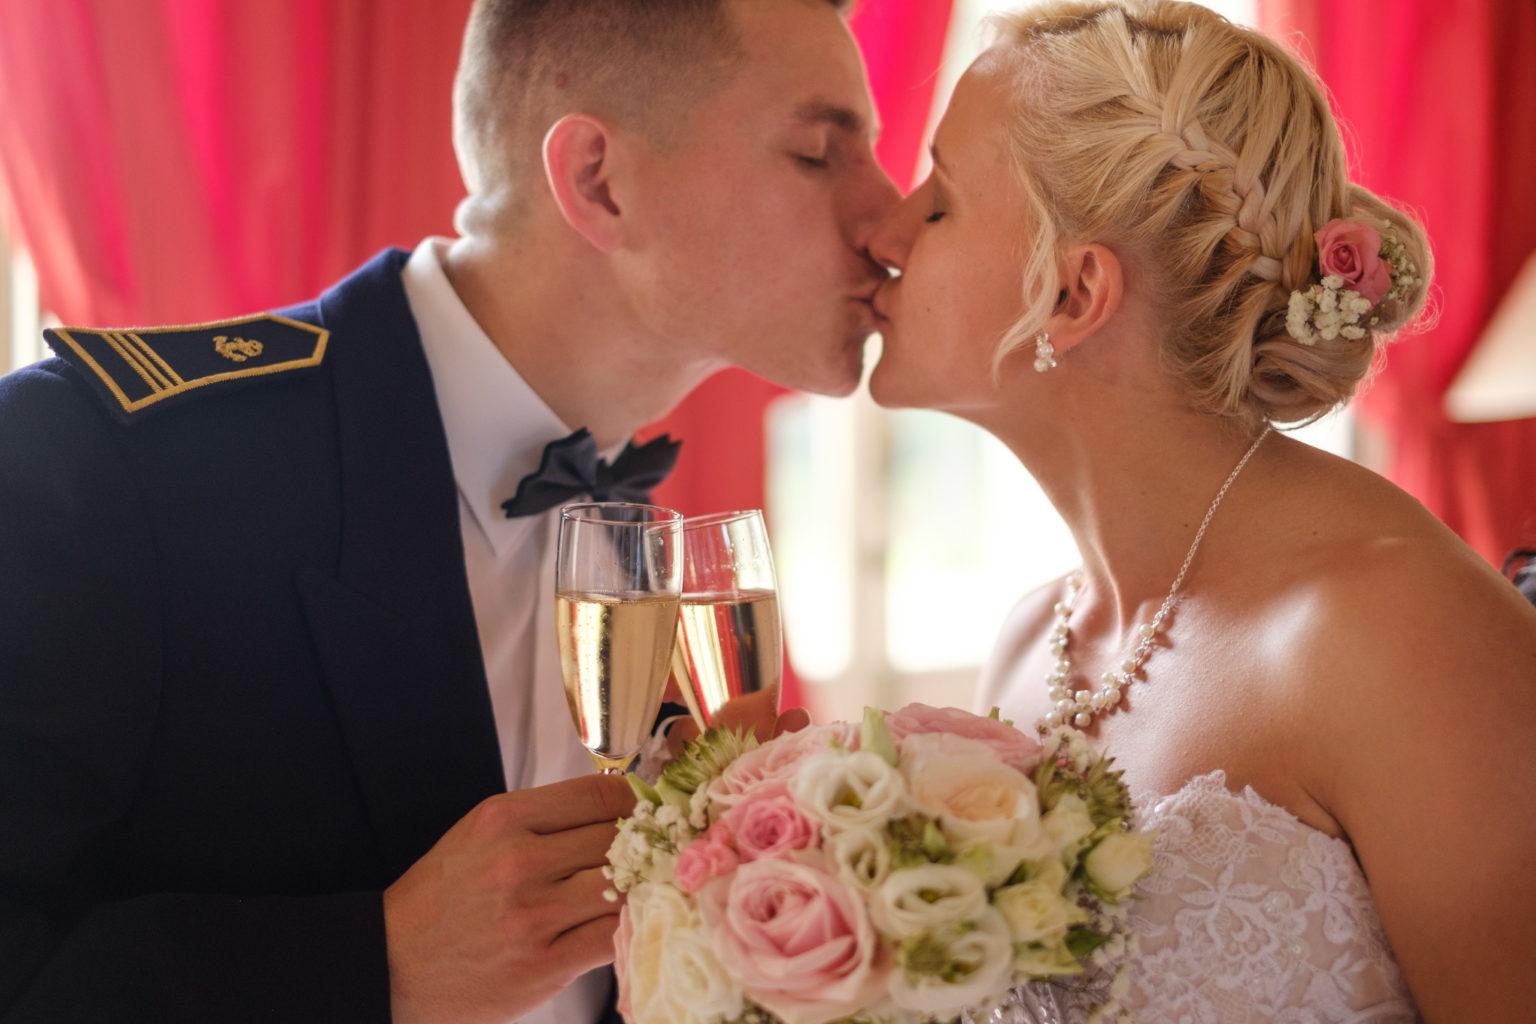 Mariage de Adrien et Floriane Chavanne - ©Alain Machelidon